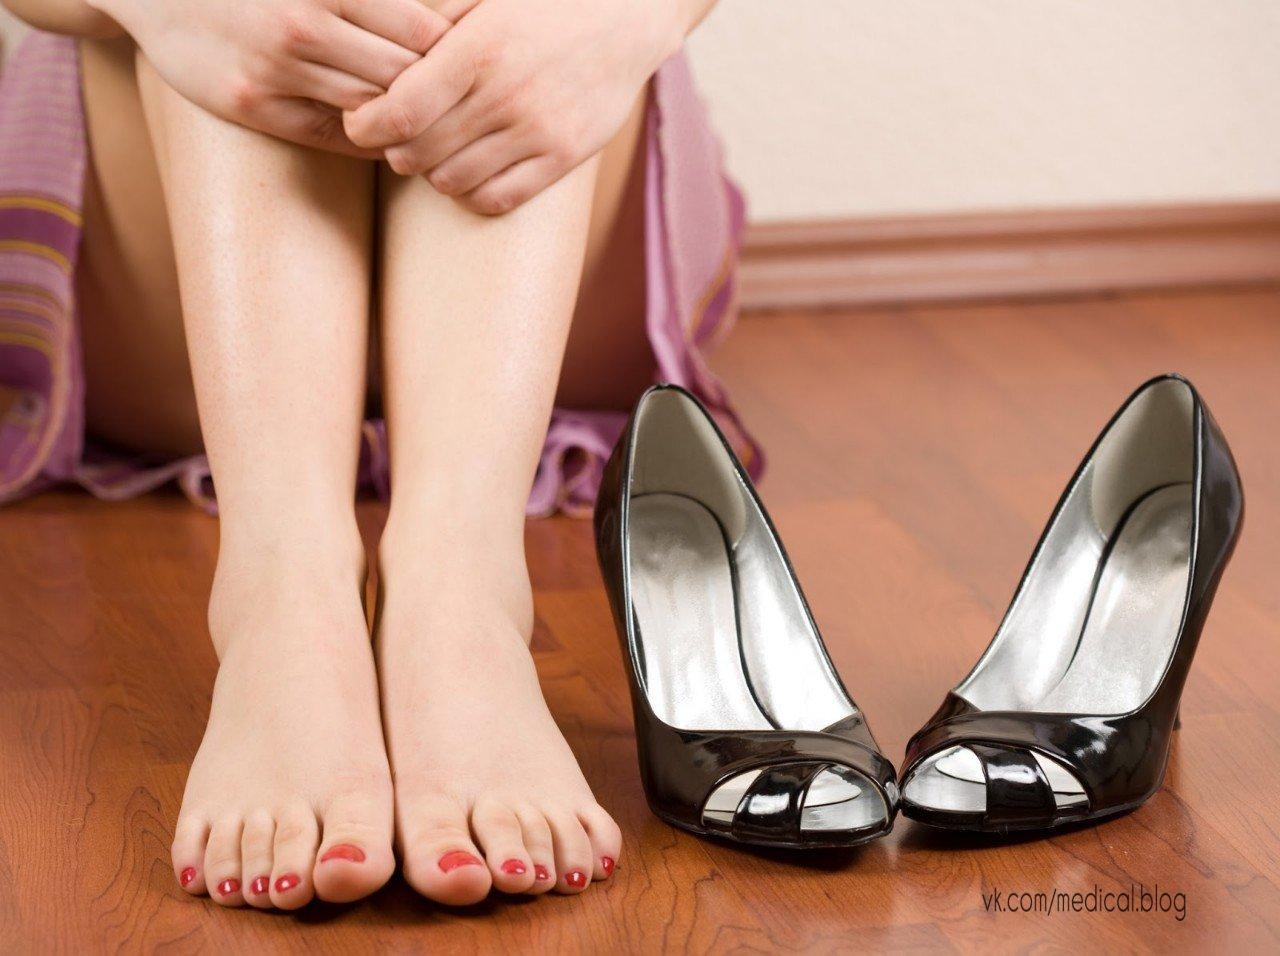 Фото ступней в подследниках 19 фотография